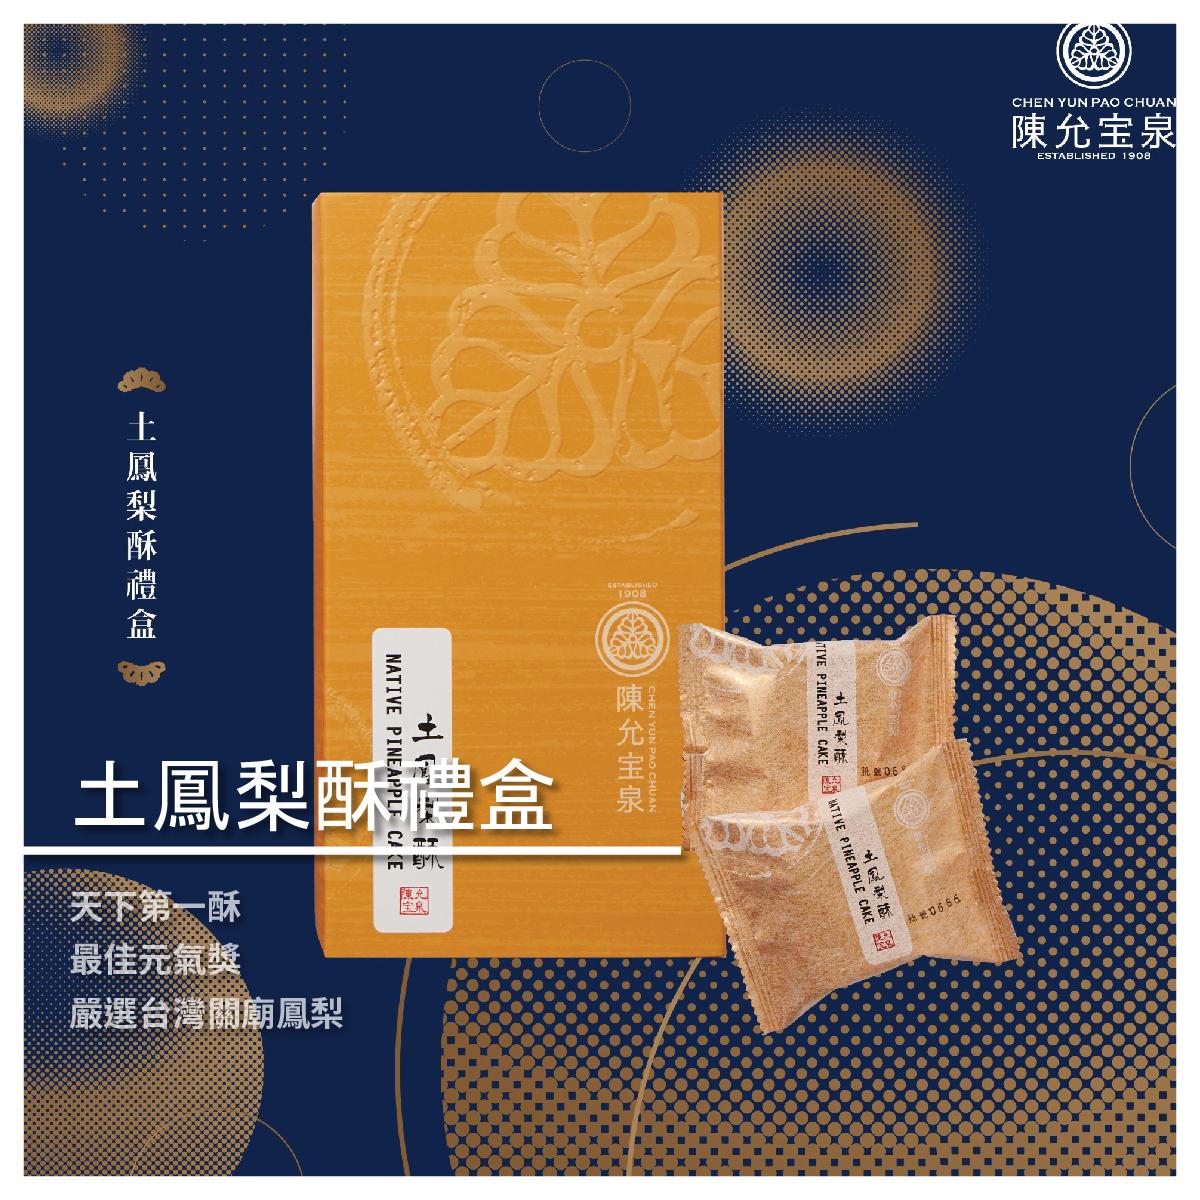 【陳允寶泉】土鳳梨酥禮盒6入/盒